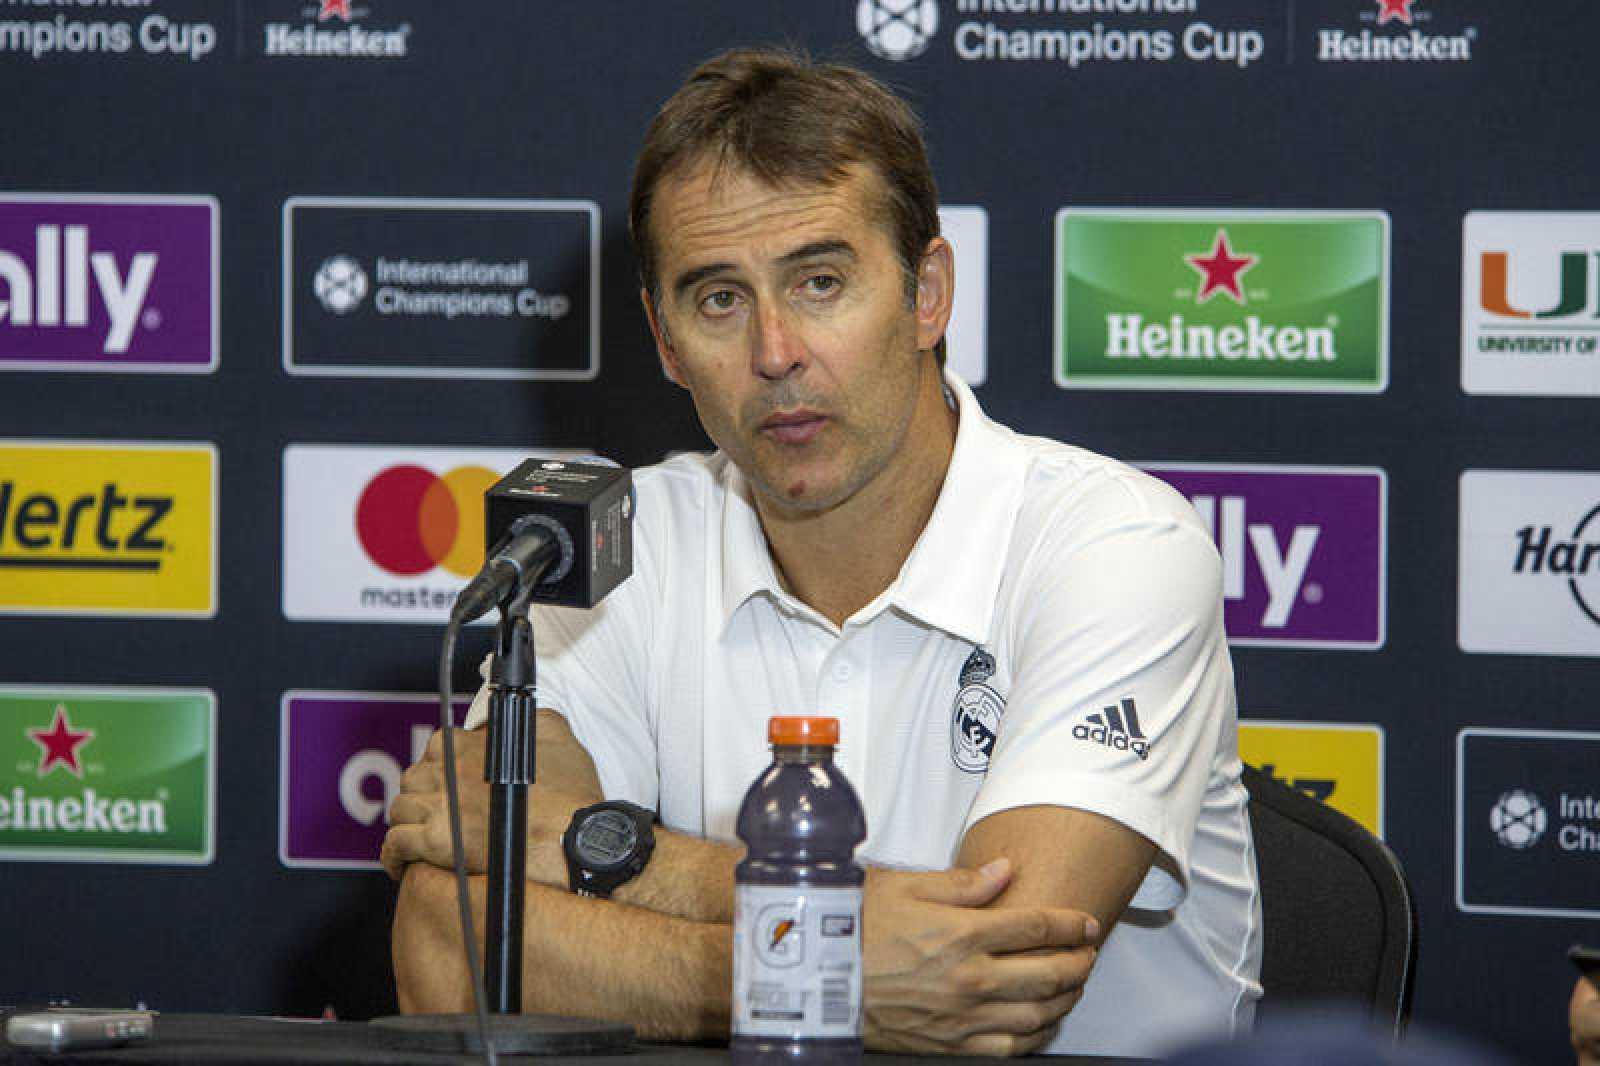 El entrenador del Real Madrid, Julen Lopetegui, en rueda de prensa tras el partido ante el Manchester United.